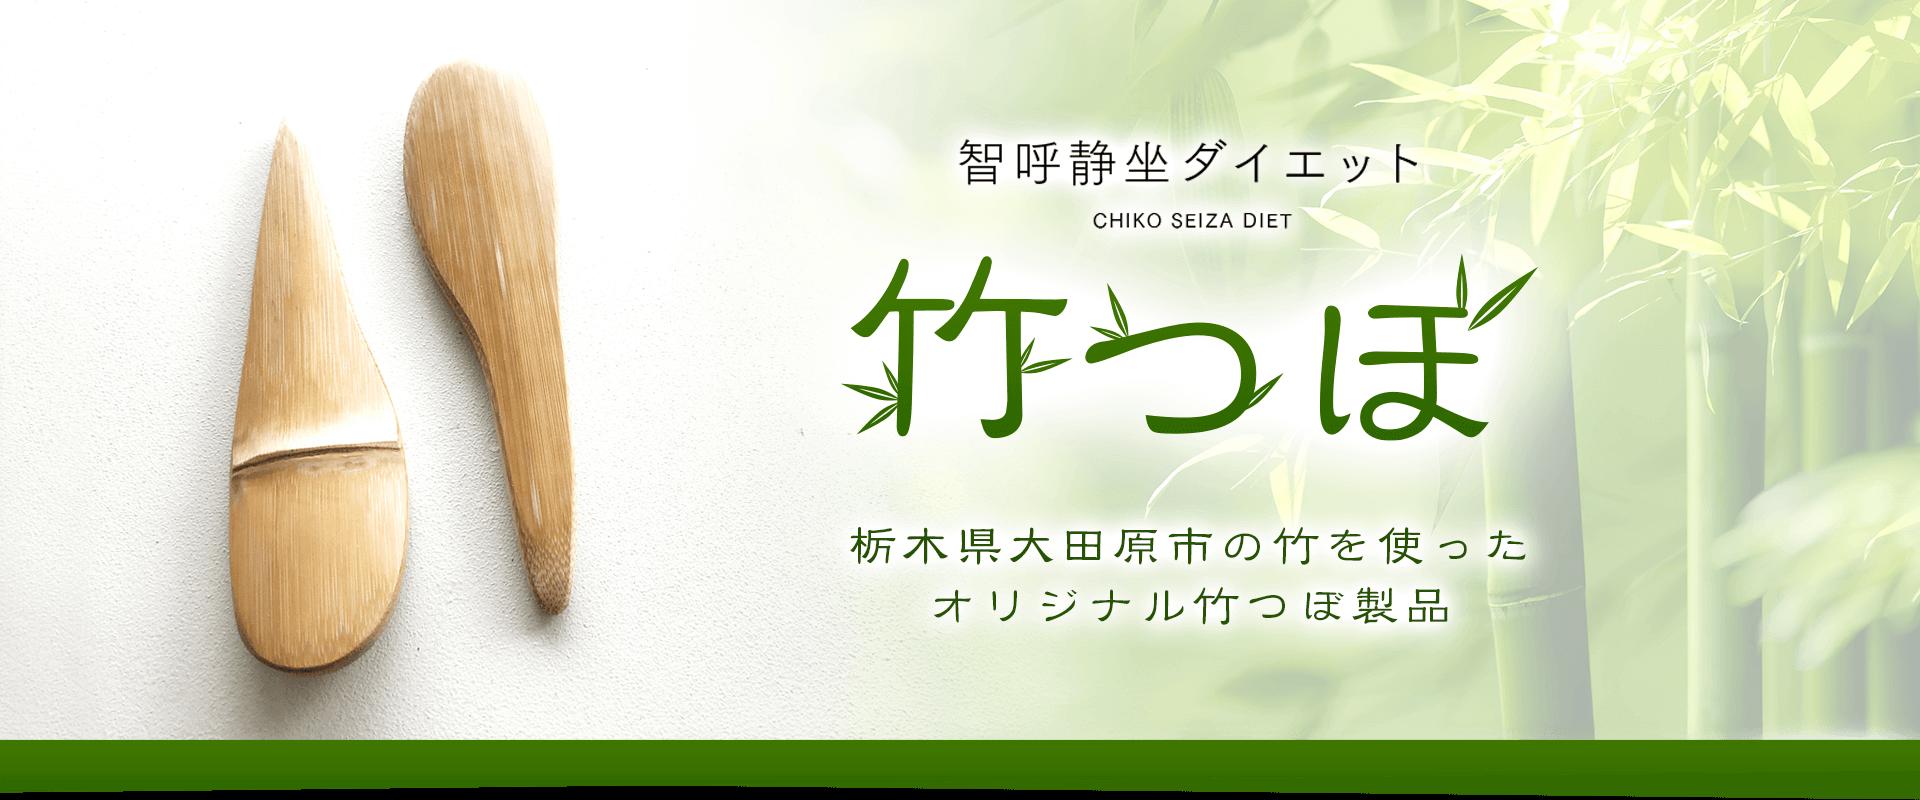 智呼静坐ダイエット竹つぼ 栃木県大田原市の竹を使ったオリジナル竹つぼ製品